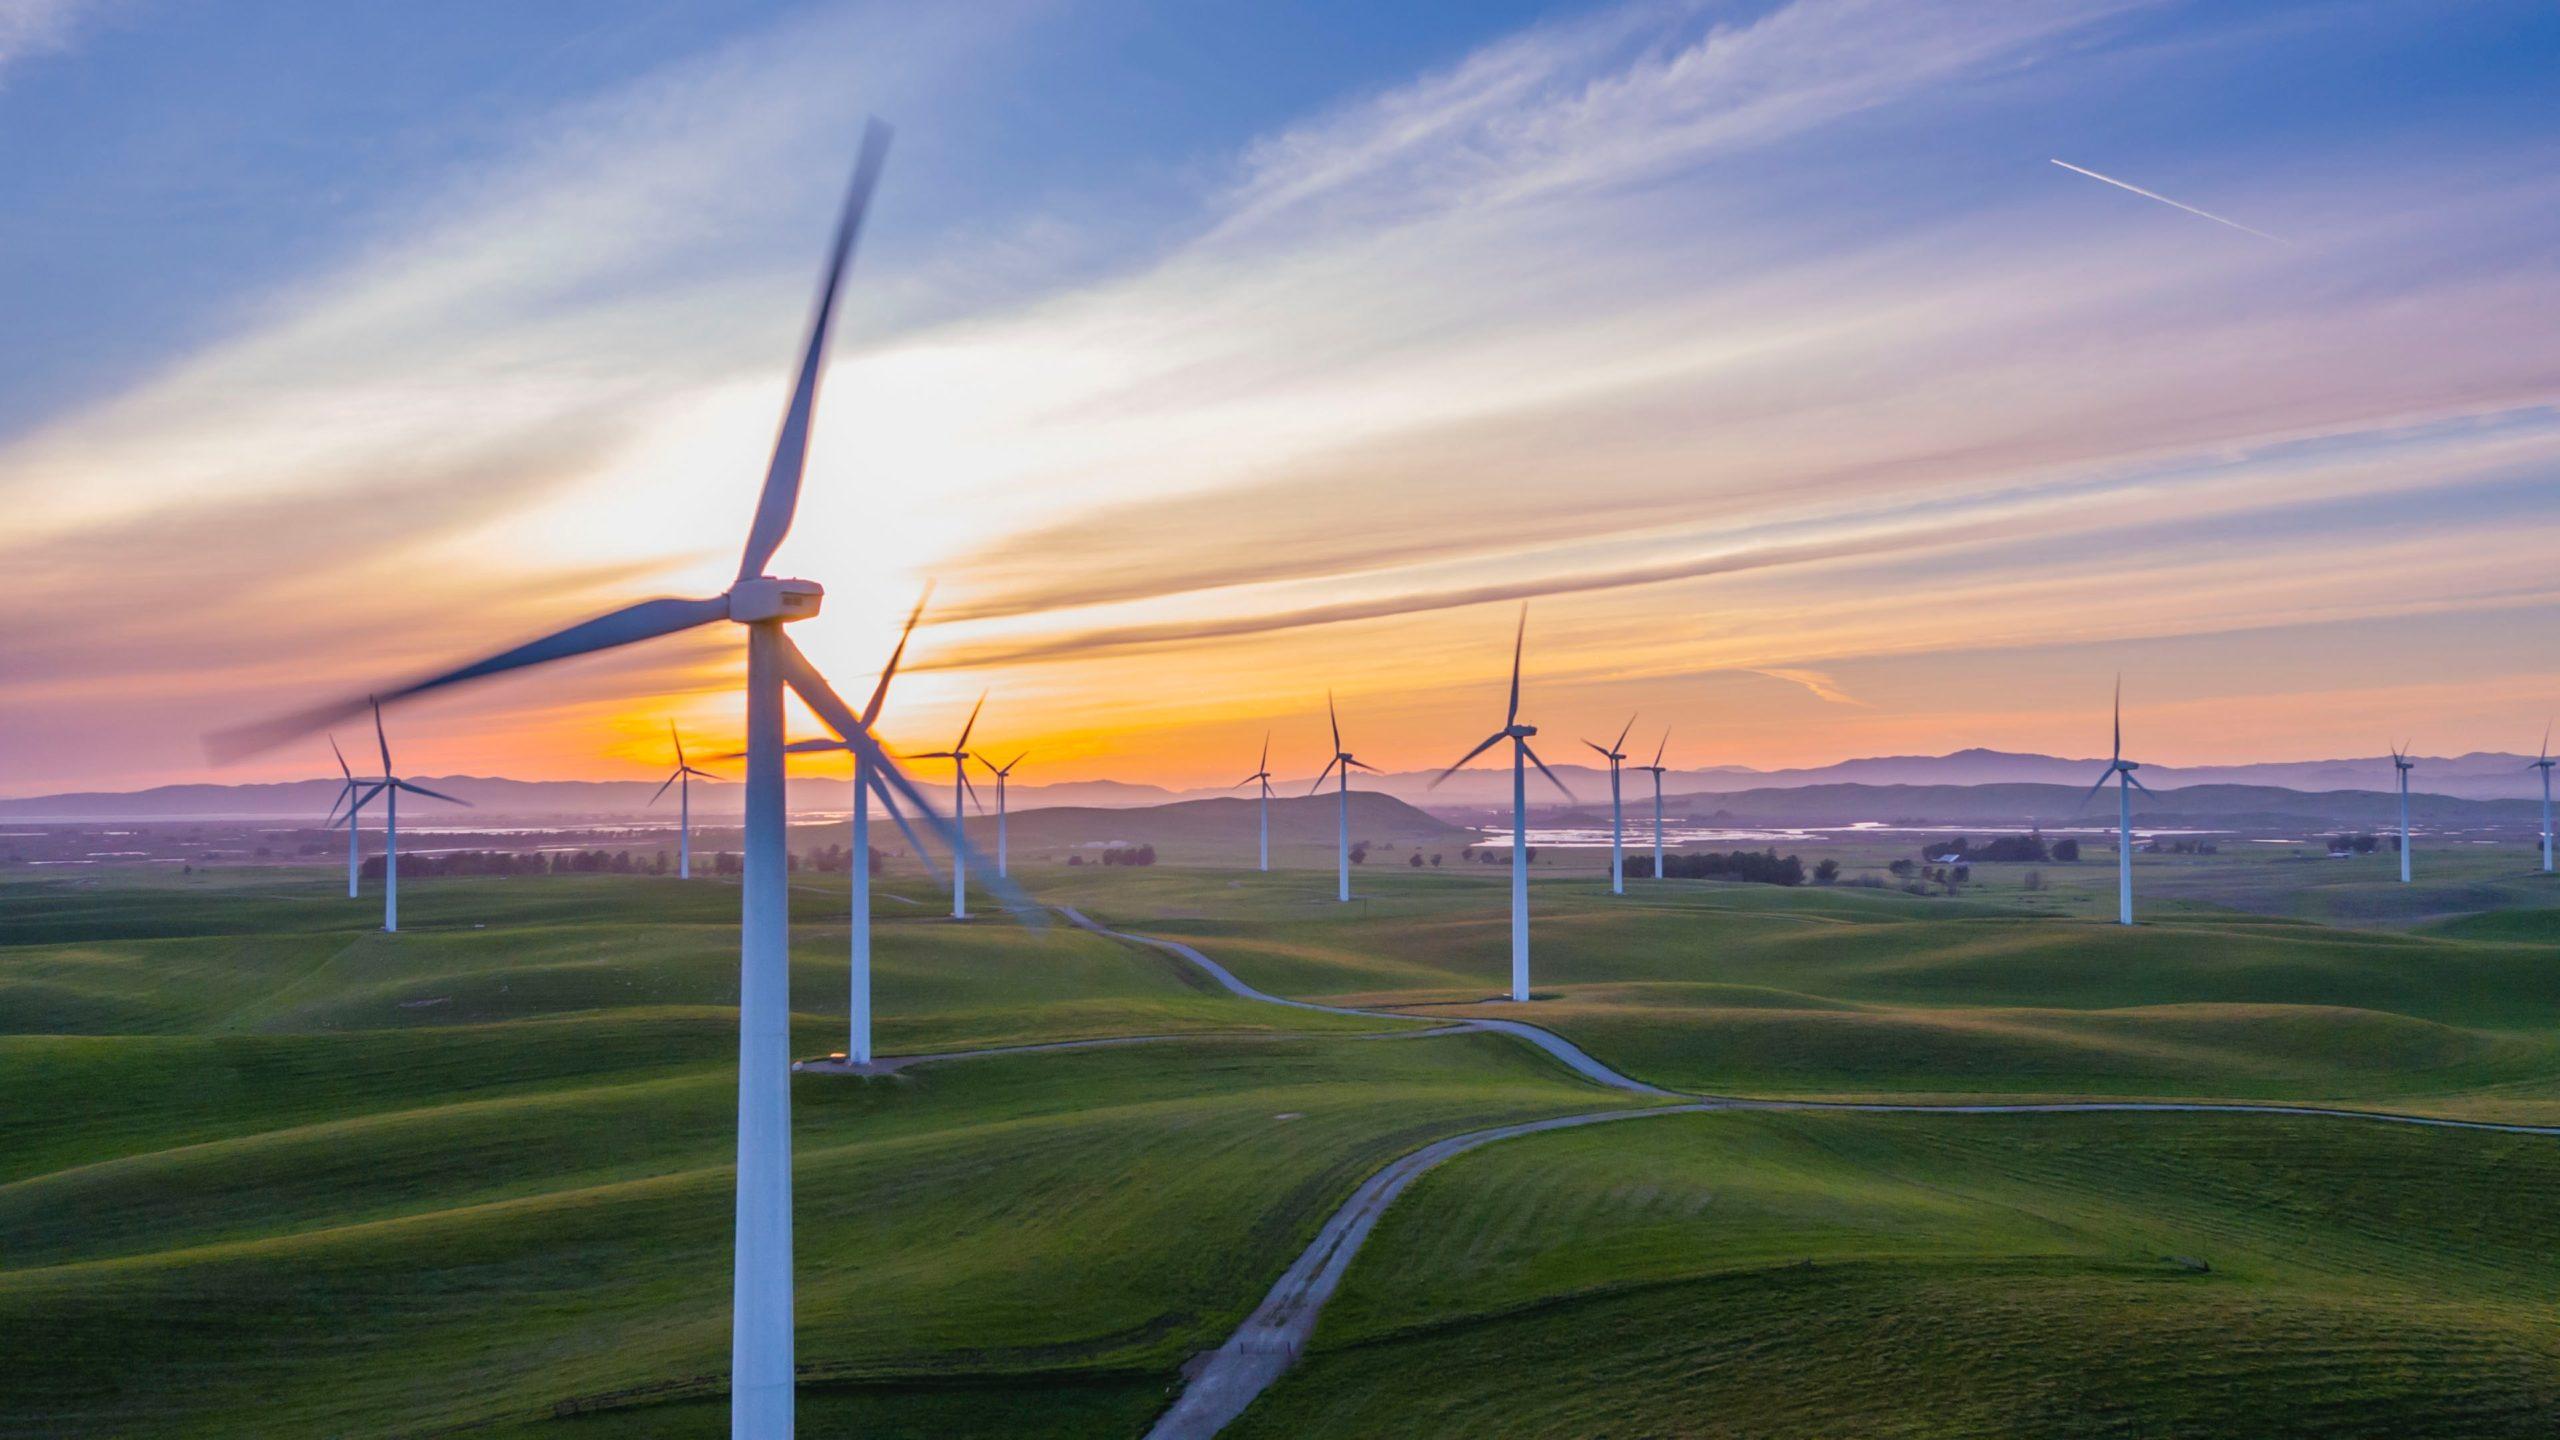 Renewables reach 23% of European Union energy consumption